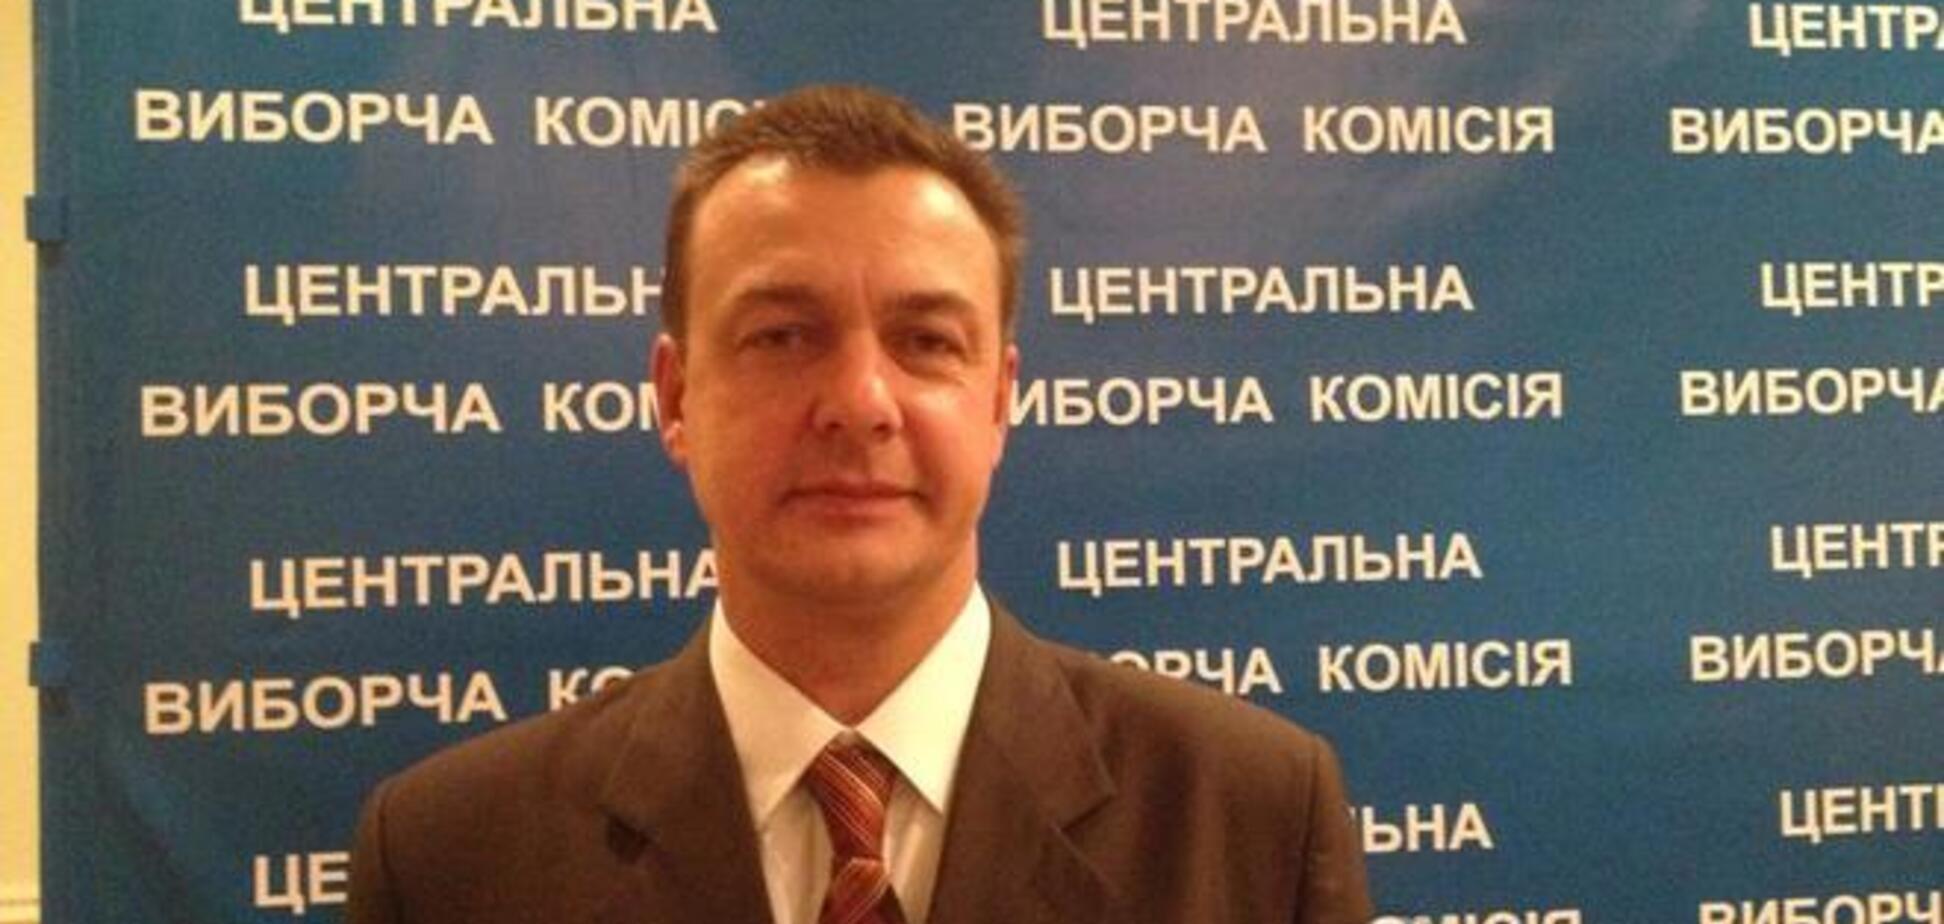 На востоке Украины проголосовало 25% от всех участников АТО